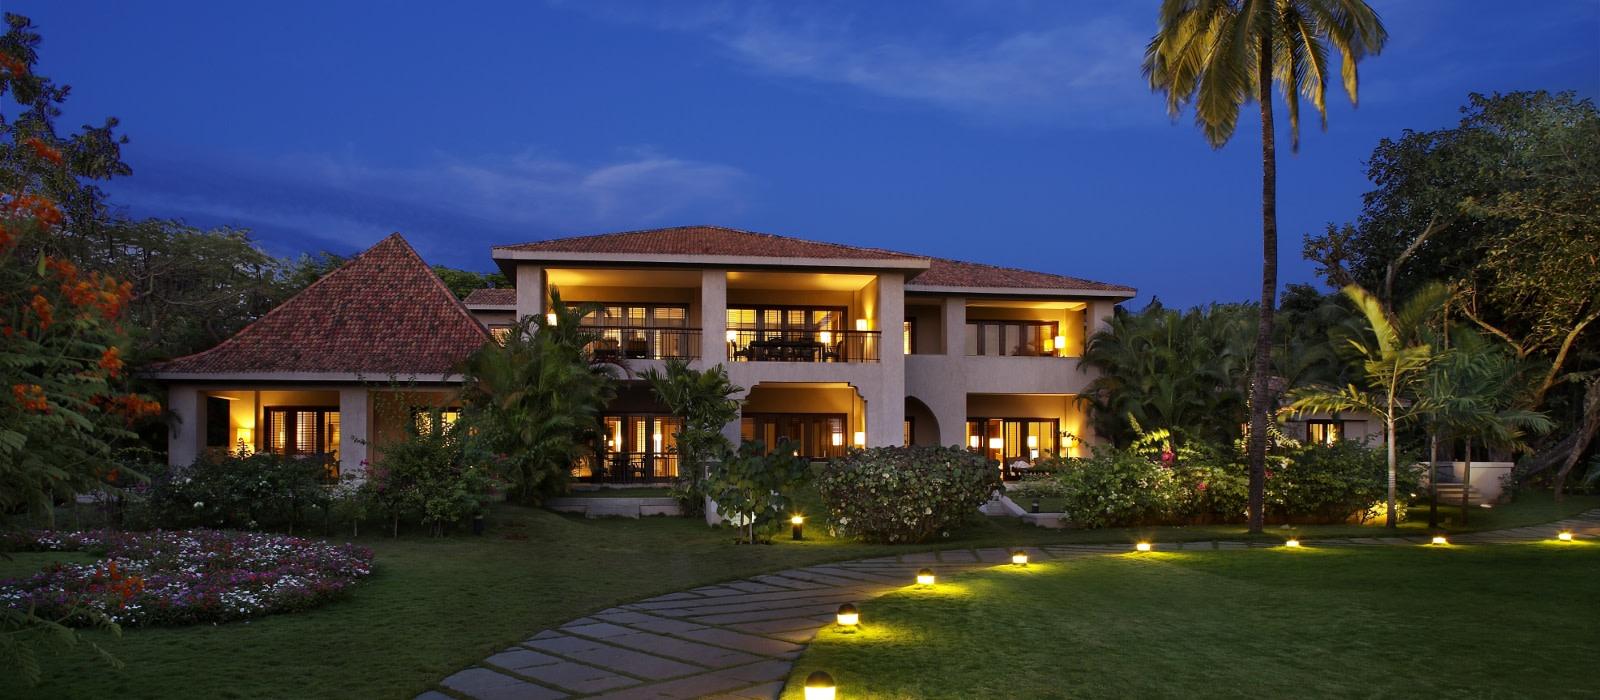 Hotel The Leela Goa Islands & Beaches